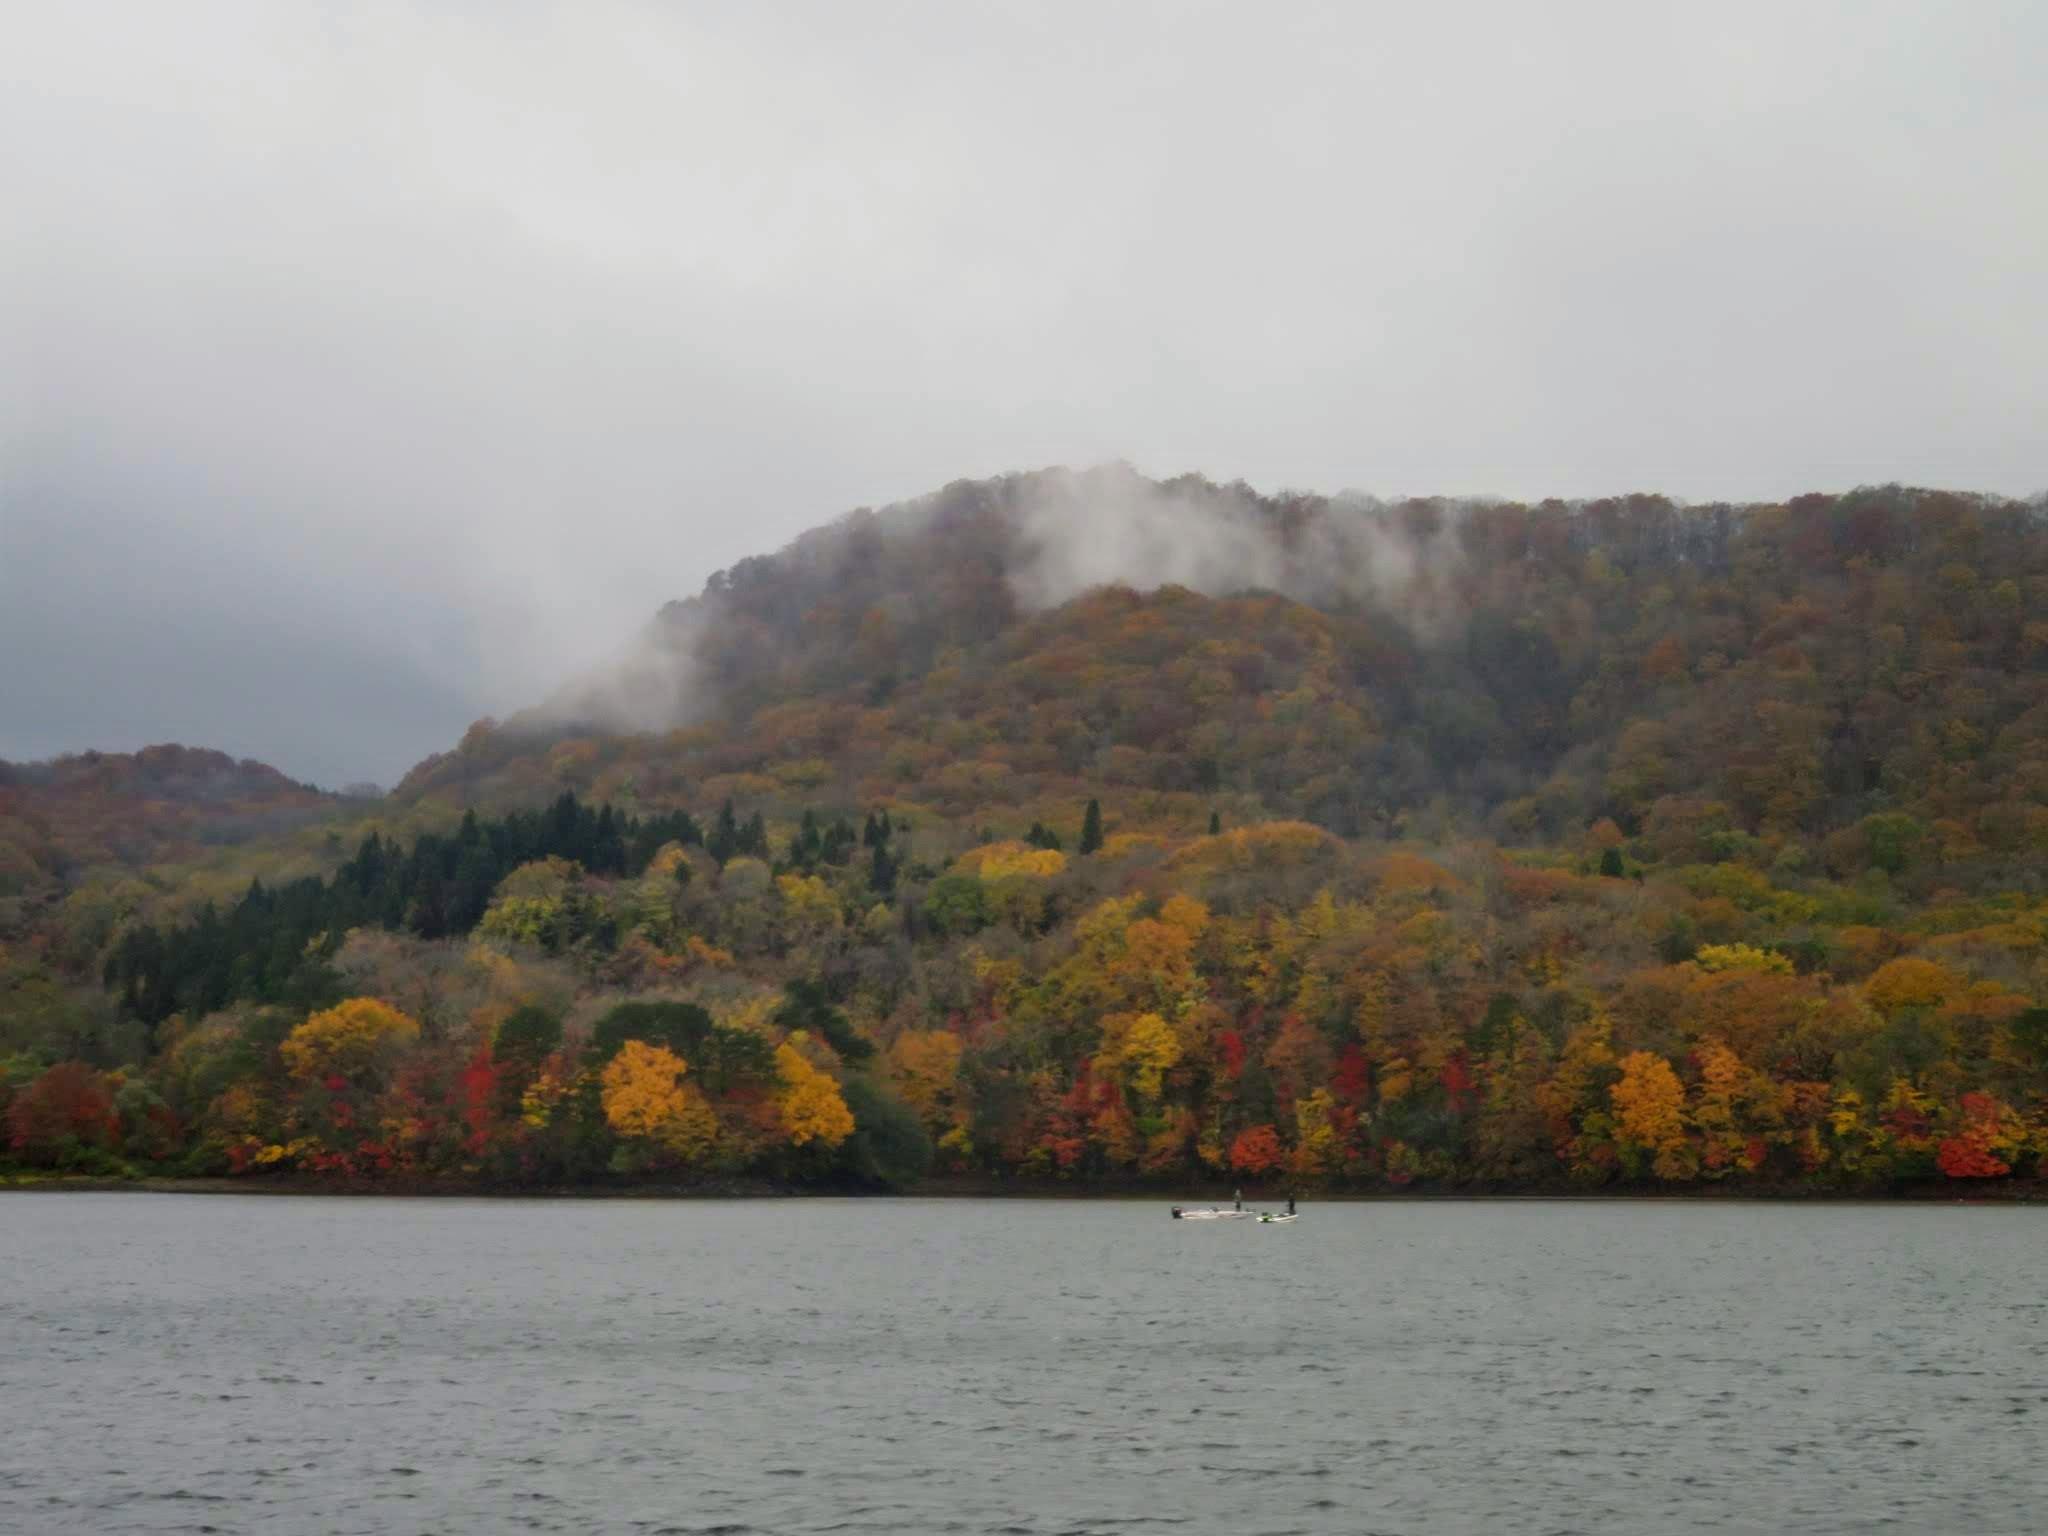 【裏磐梯】雨上がり、超曇天の桧原湖遊覧船_a0057402_21552471.jpg